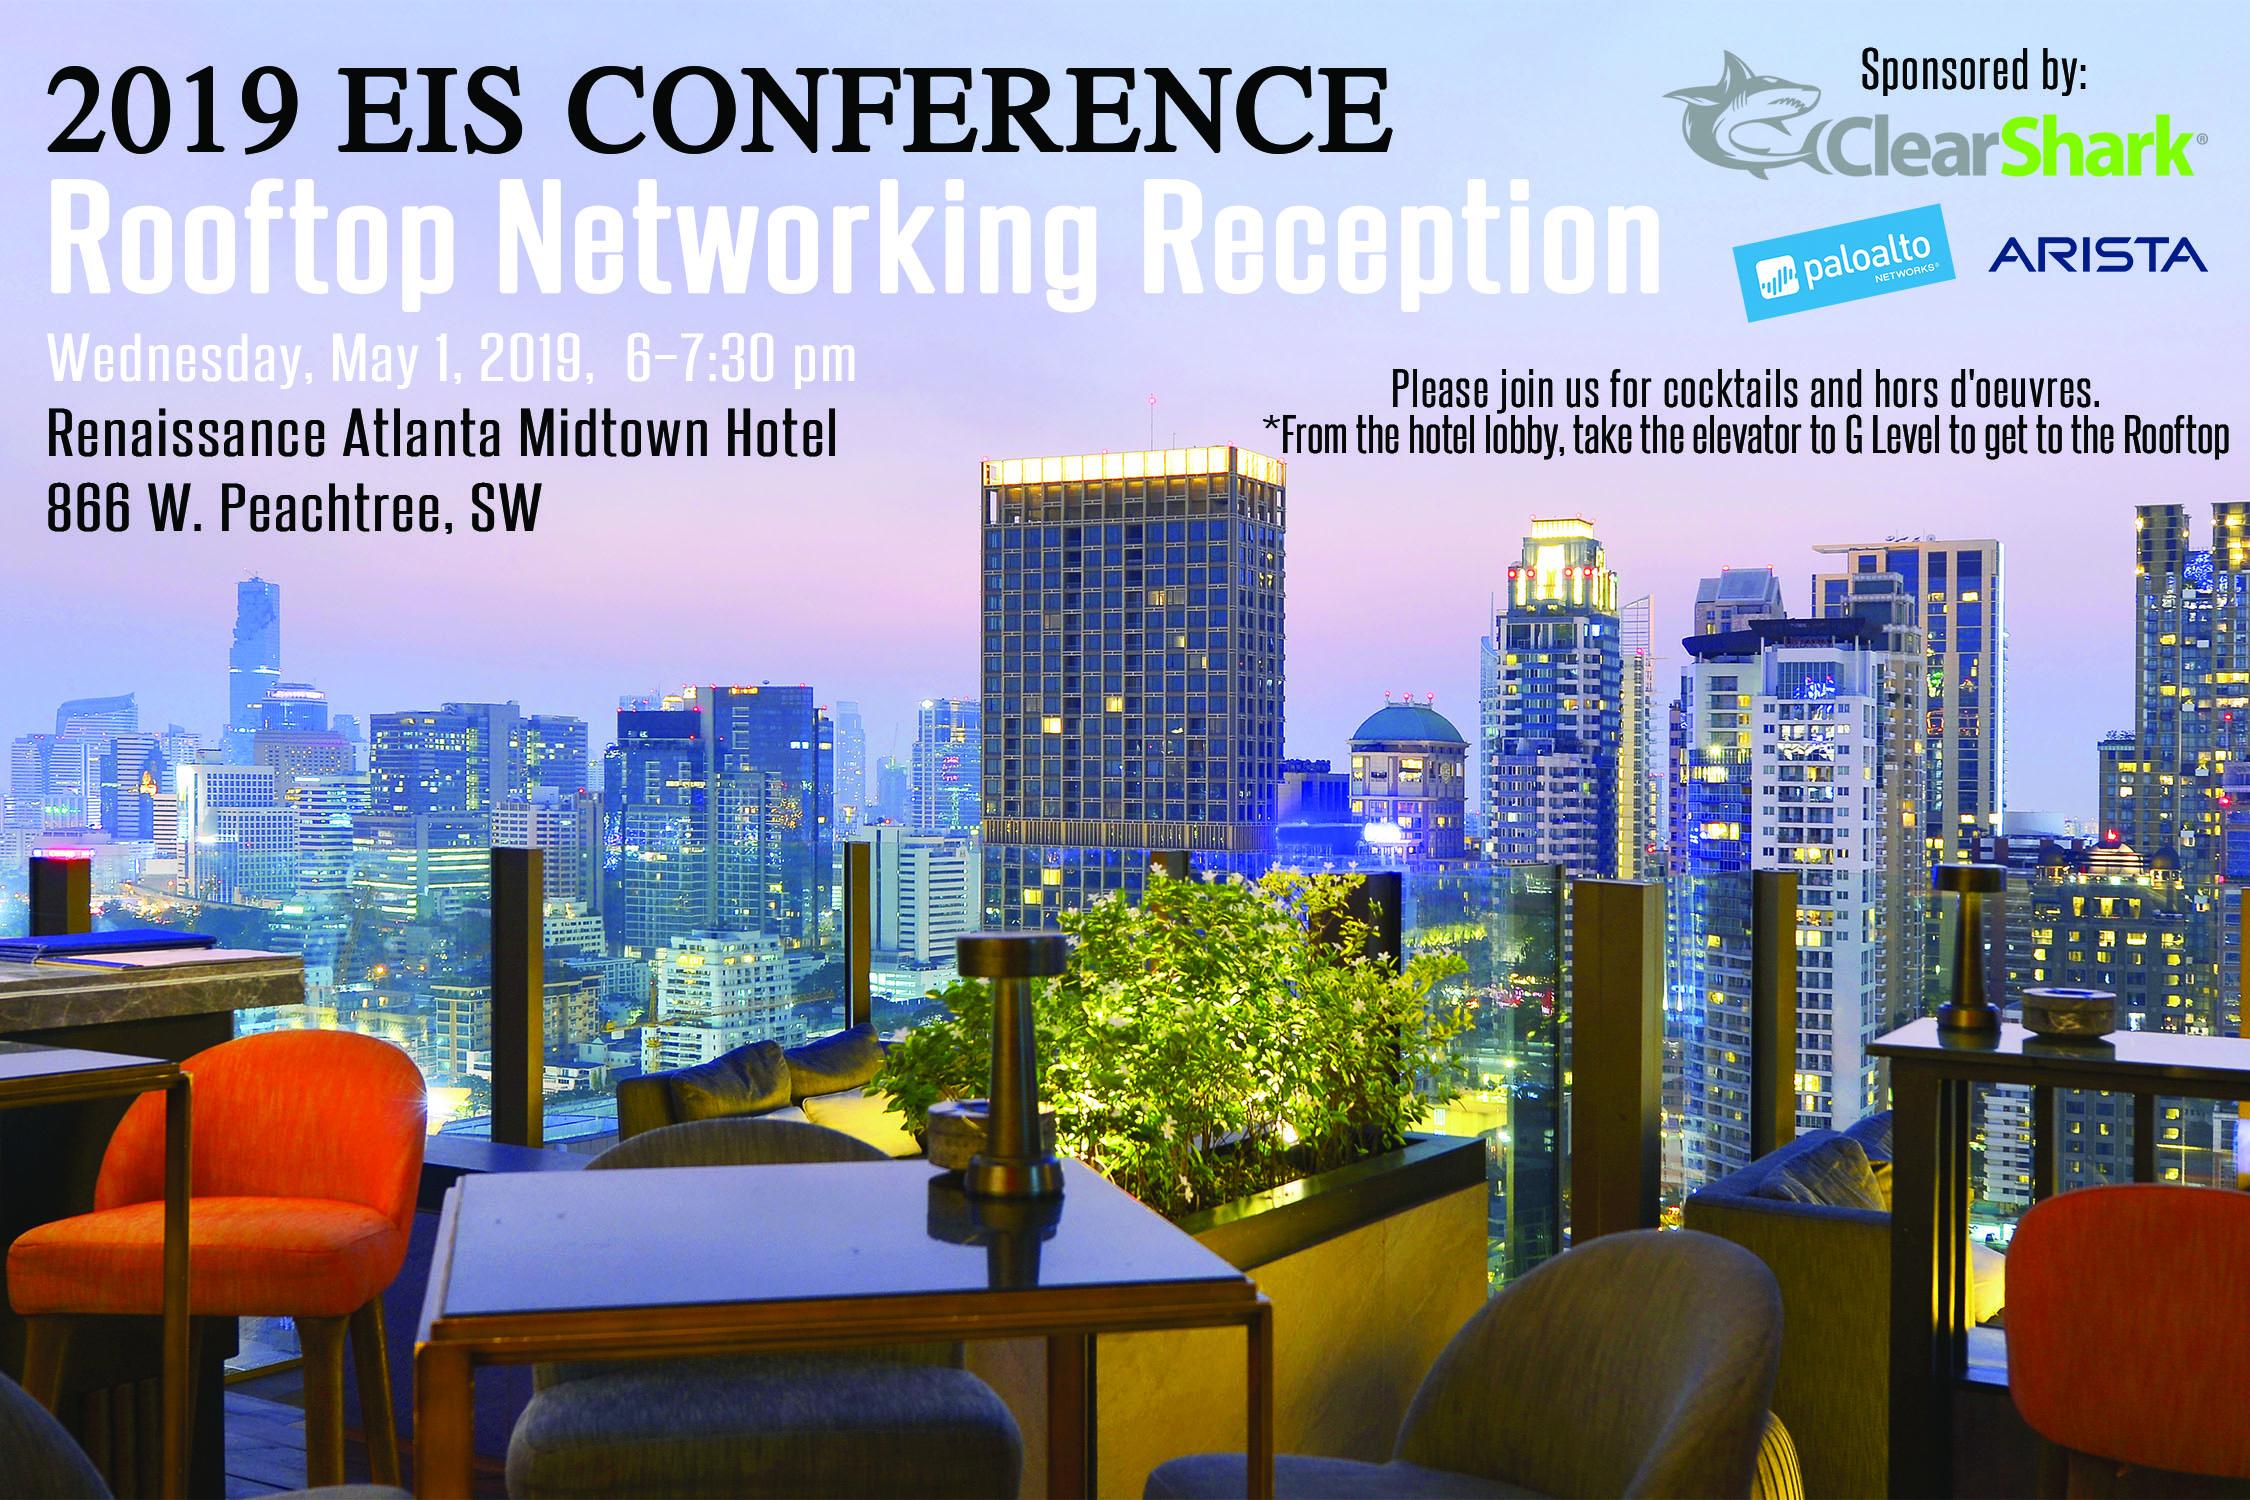 NetworkingReception